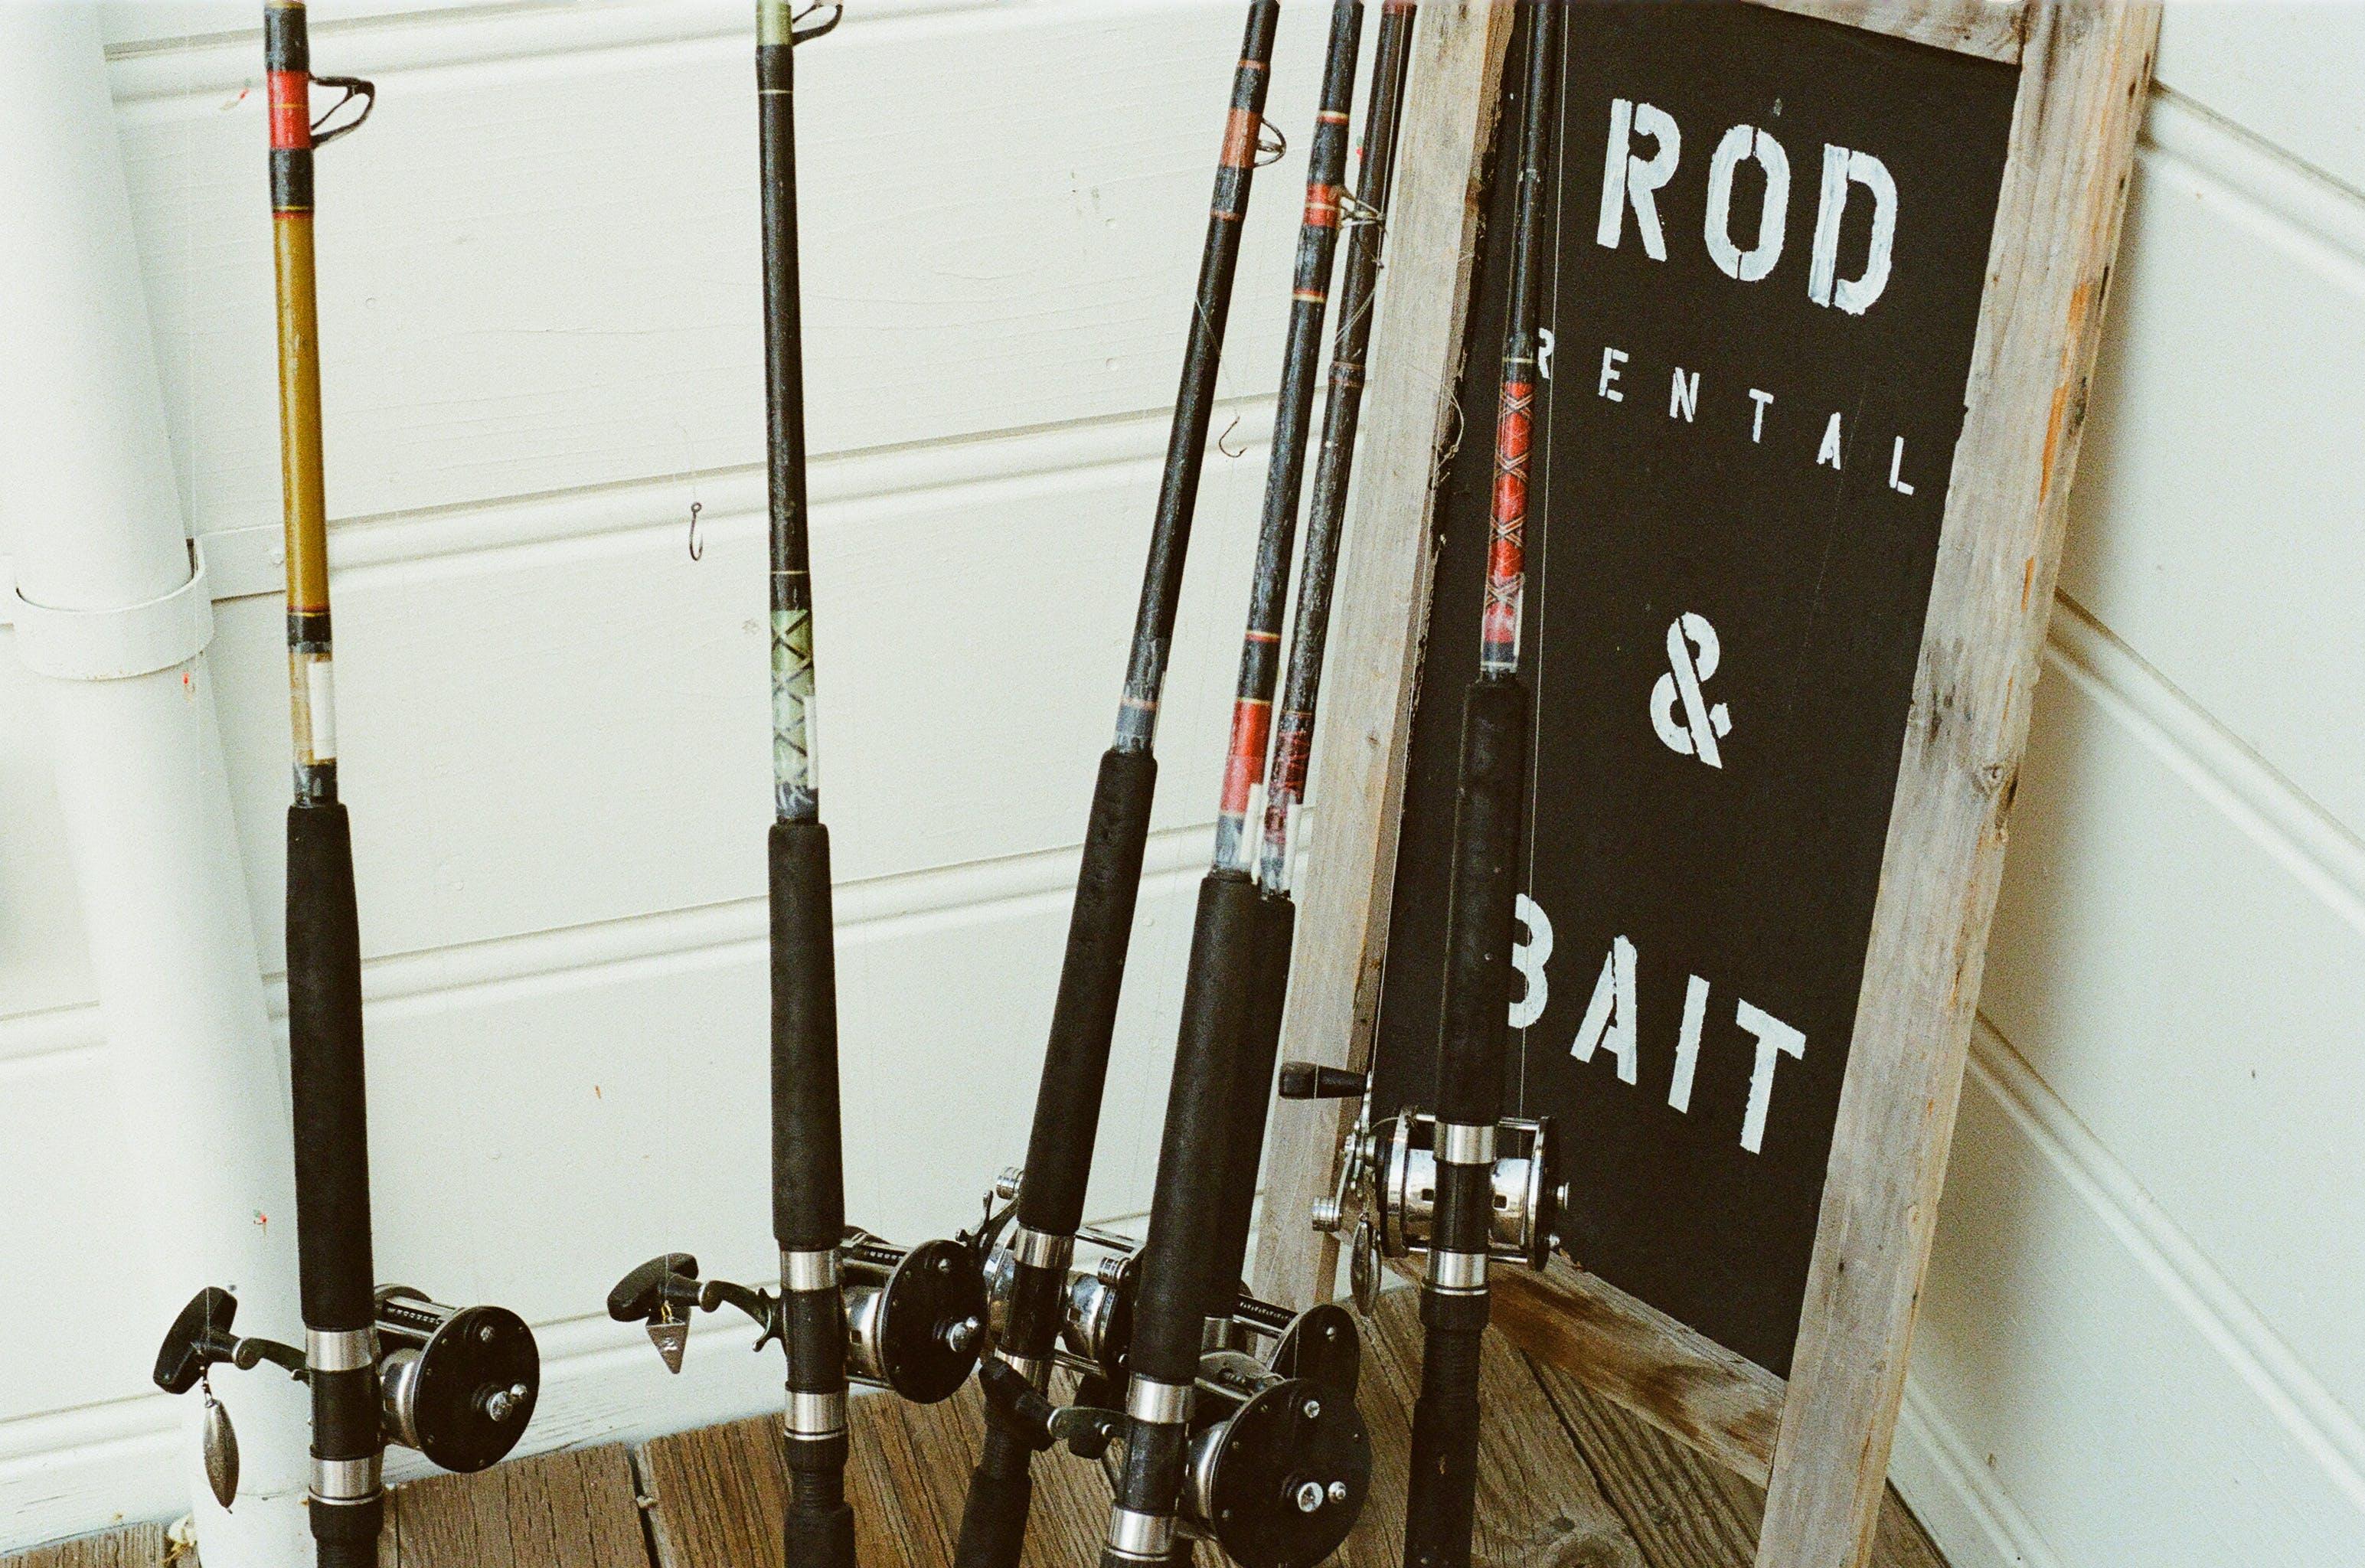 kalastaja, kalastus, kalastusvälineet